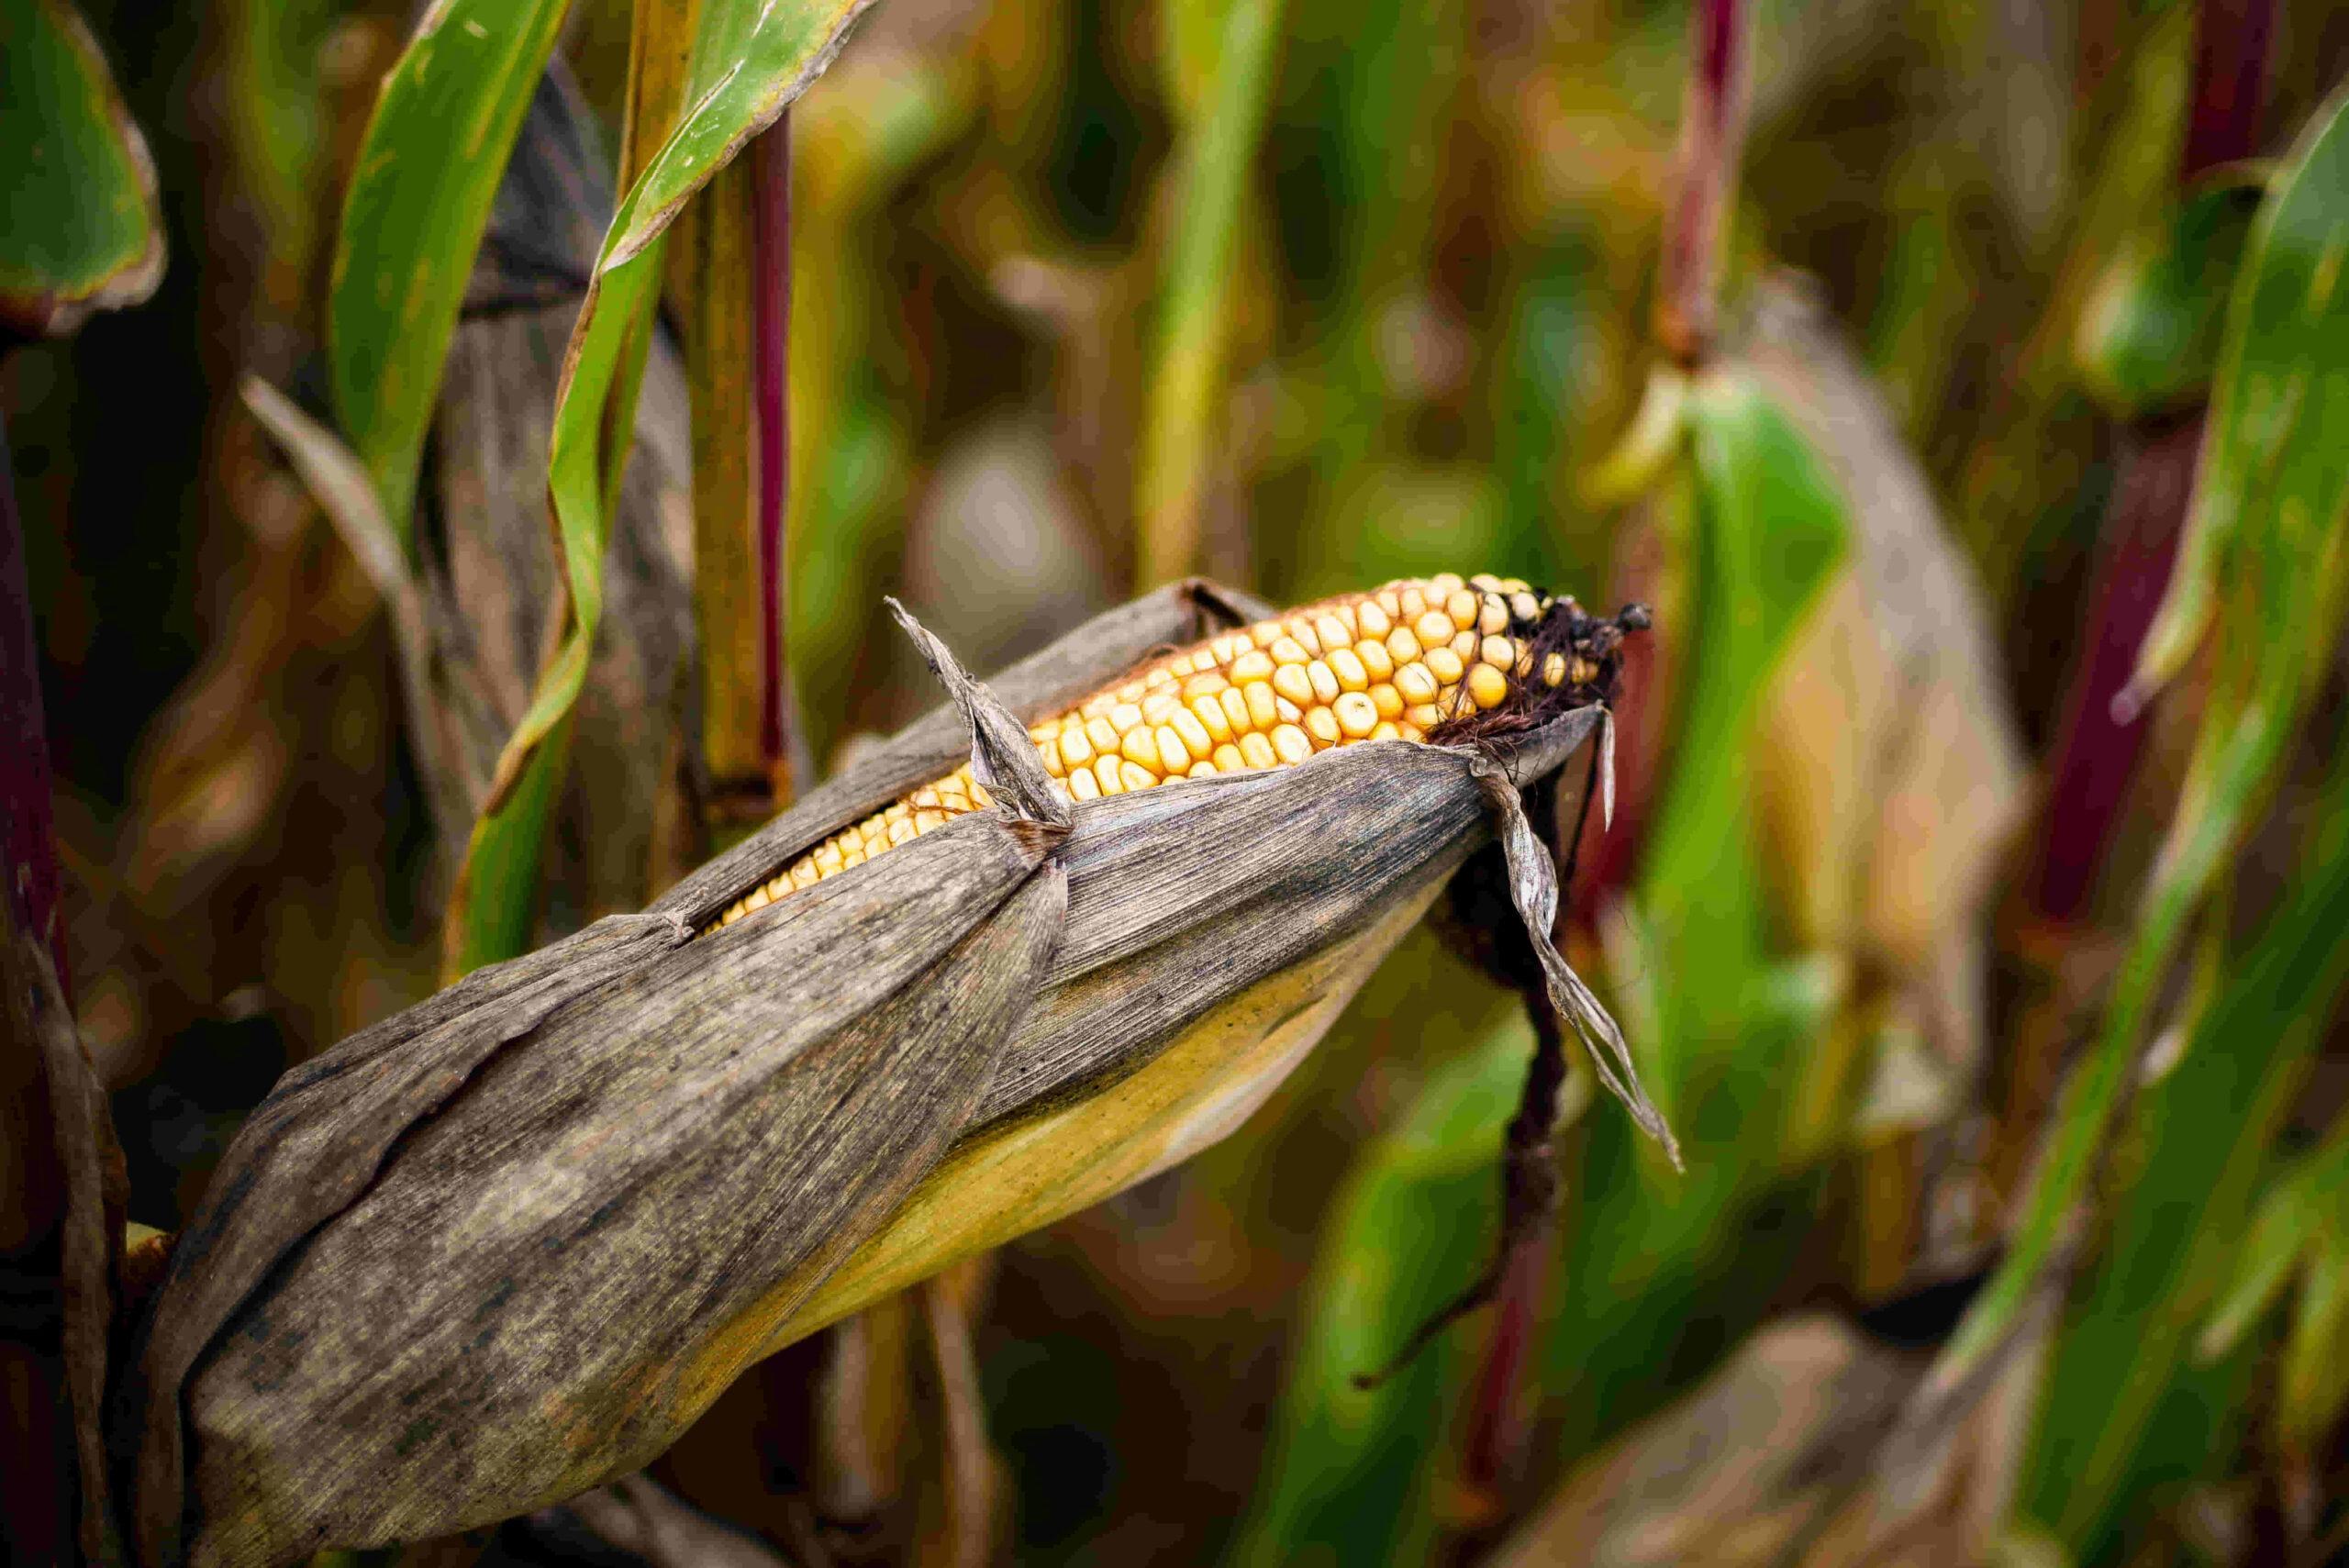 maíz amarillo sembrado en campo argentino